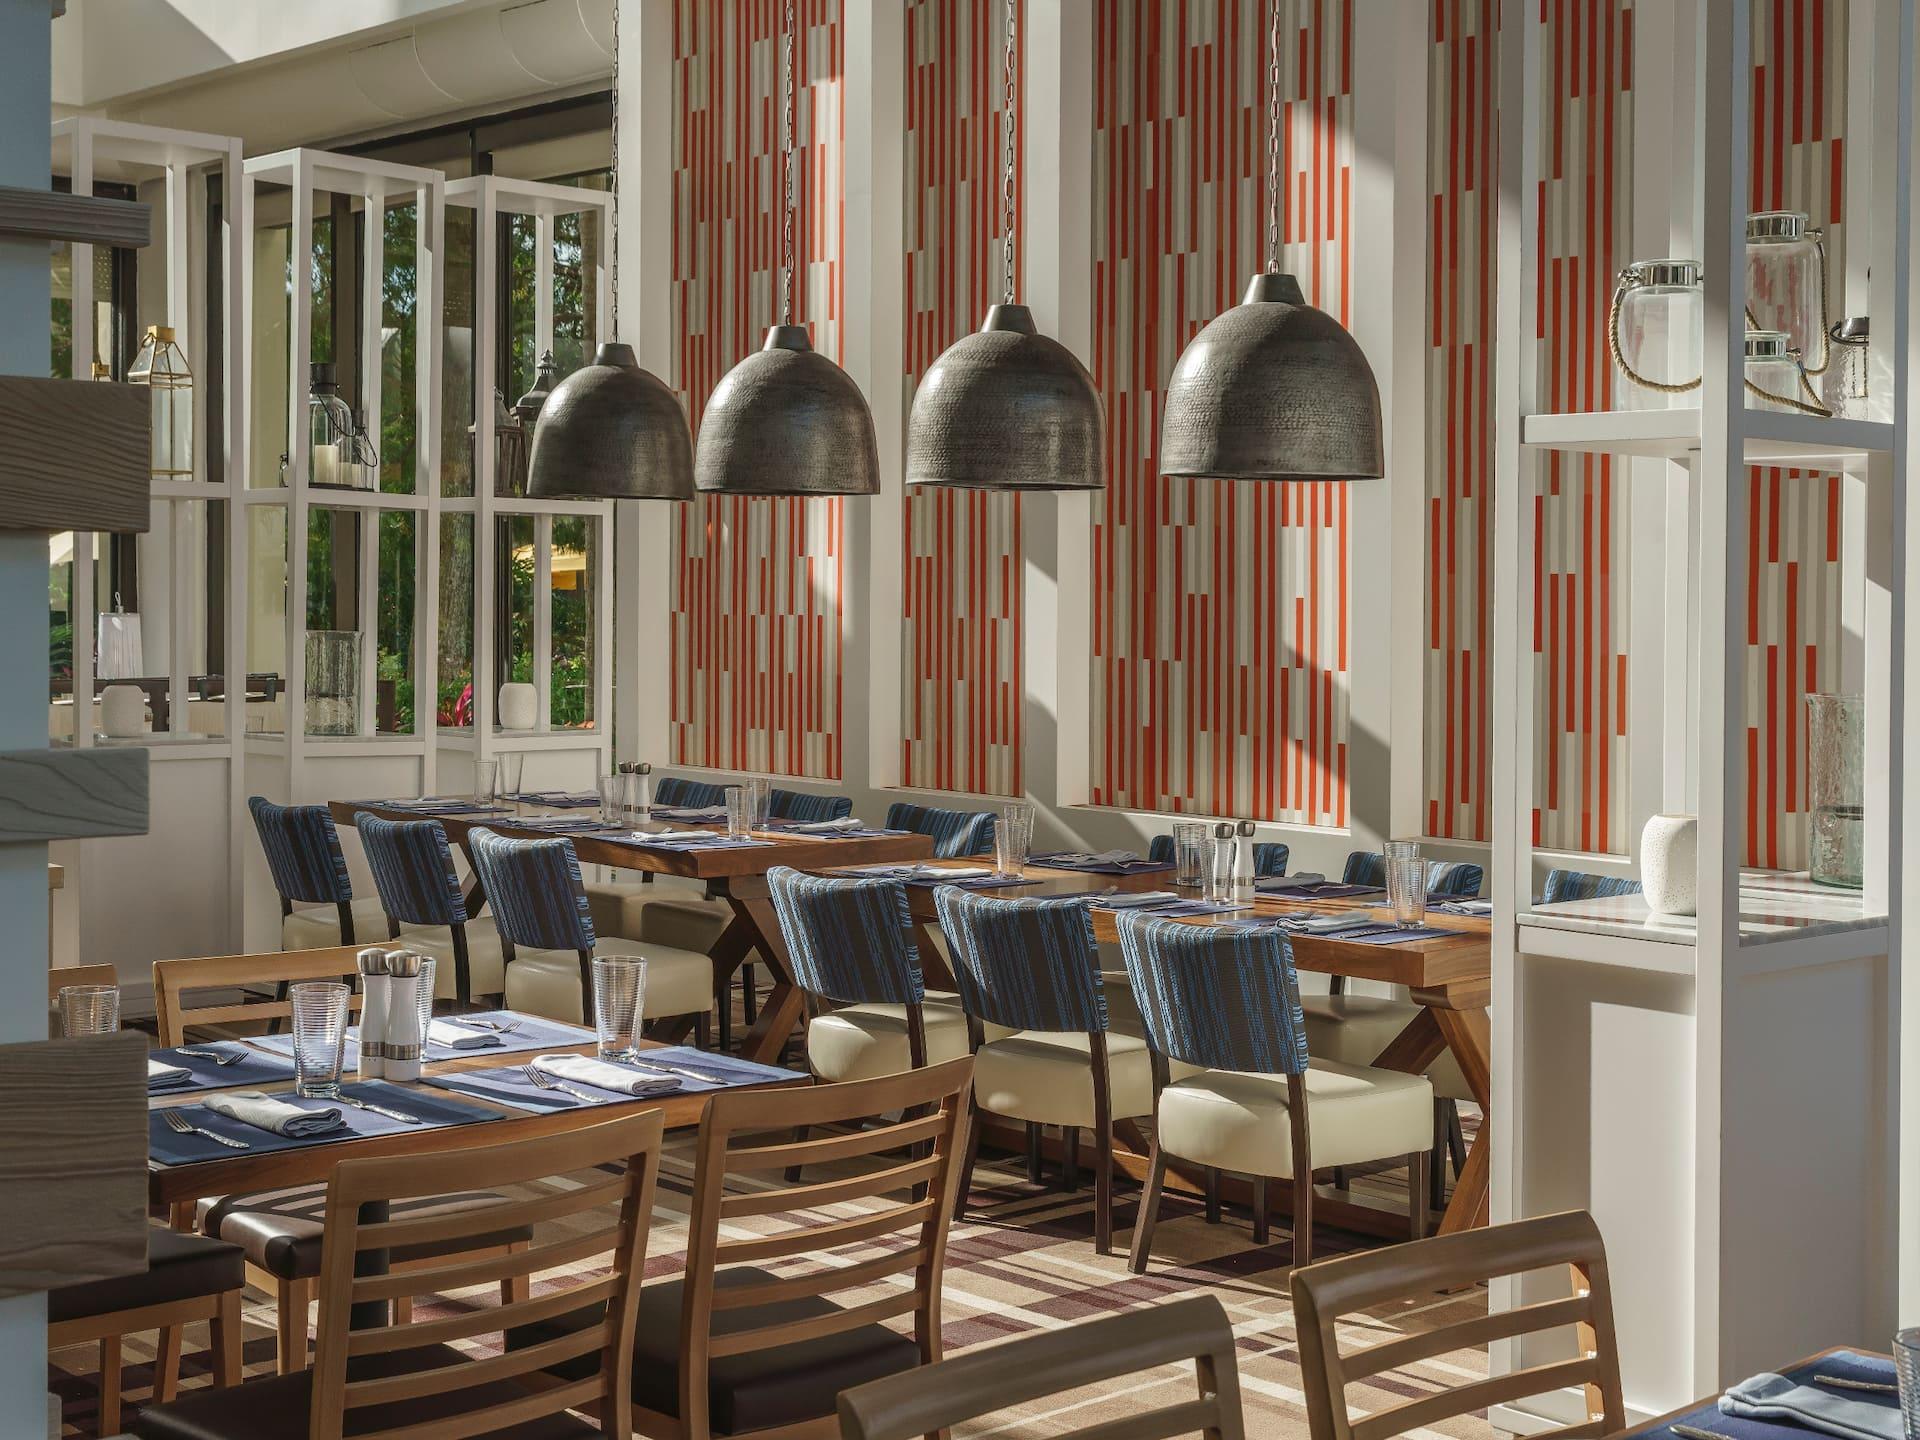 Hyatt Regency Grand Cypress Dining